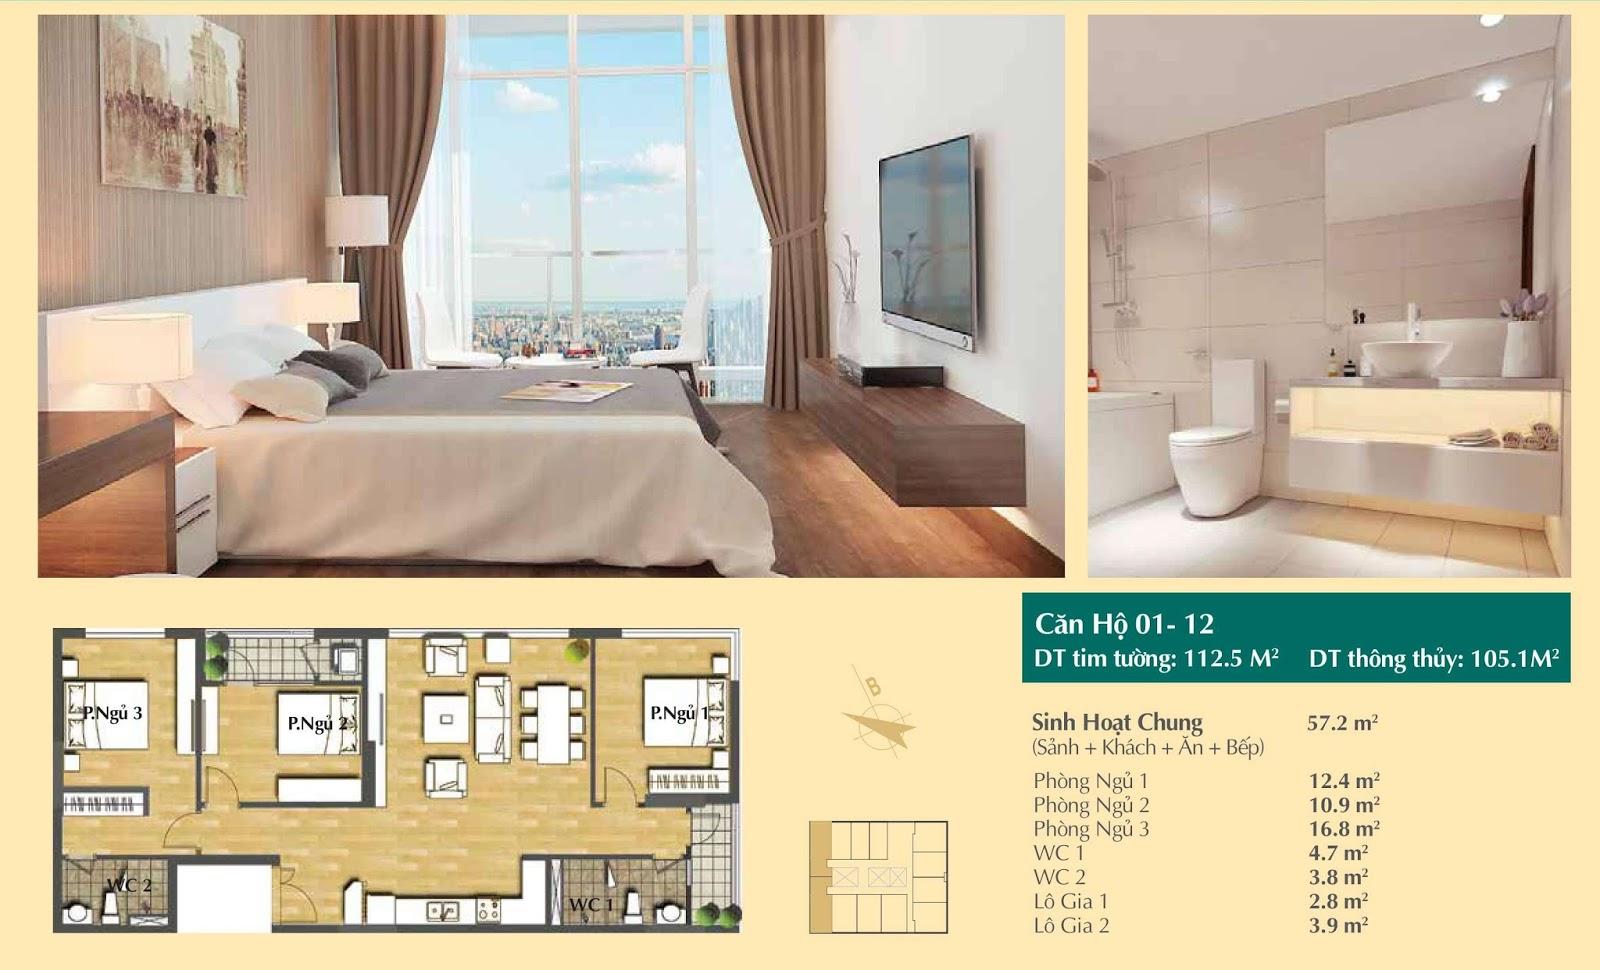 Thiết kế căn hộ số 01, 12 - 112,5m2 Hoàng Cầu Skyline